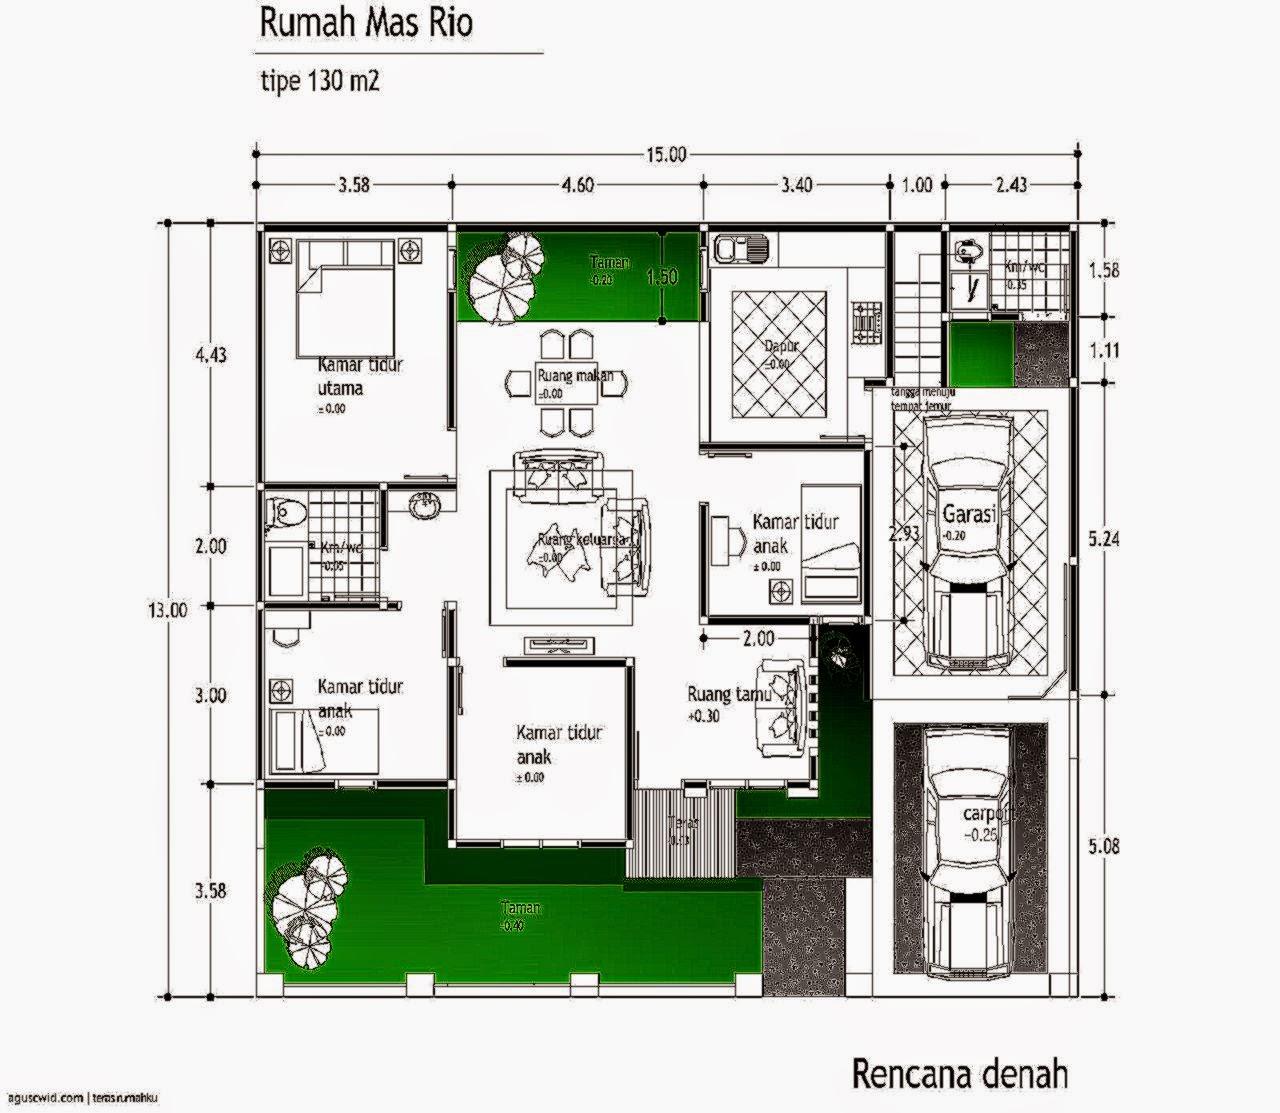 3 Contoh Denah Rumah Minimalis Modern Terbaru: Gallery Taman Minimalis